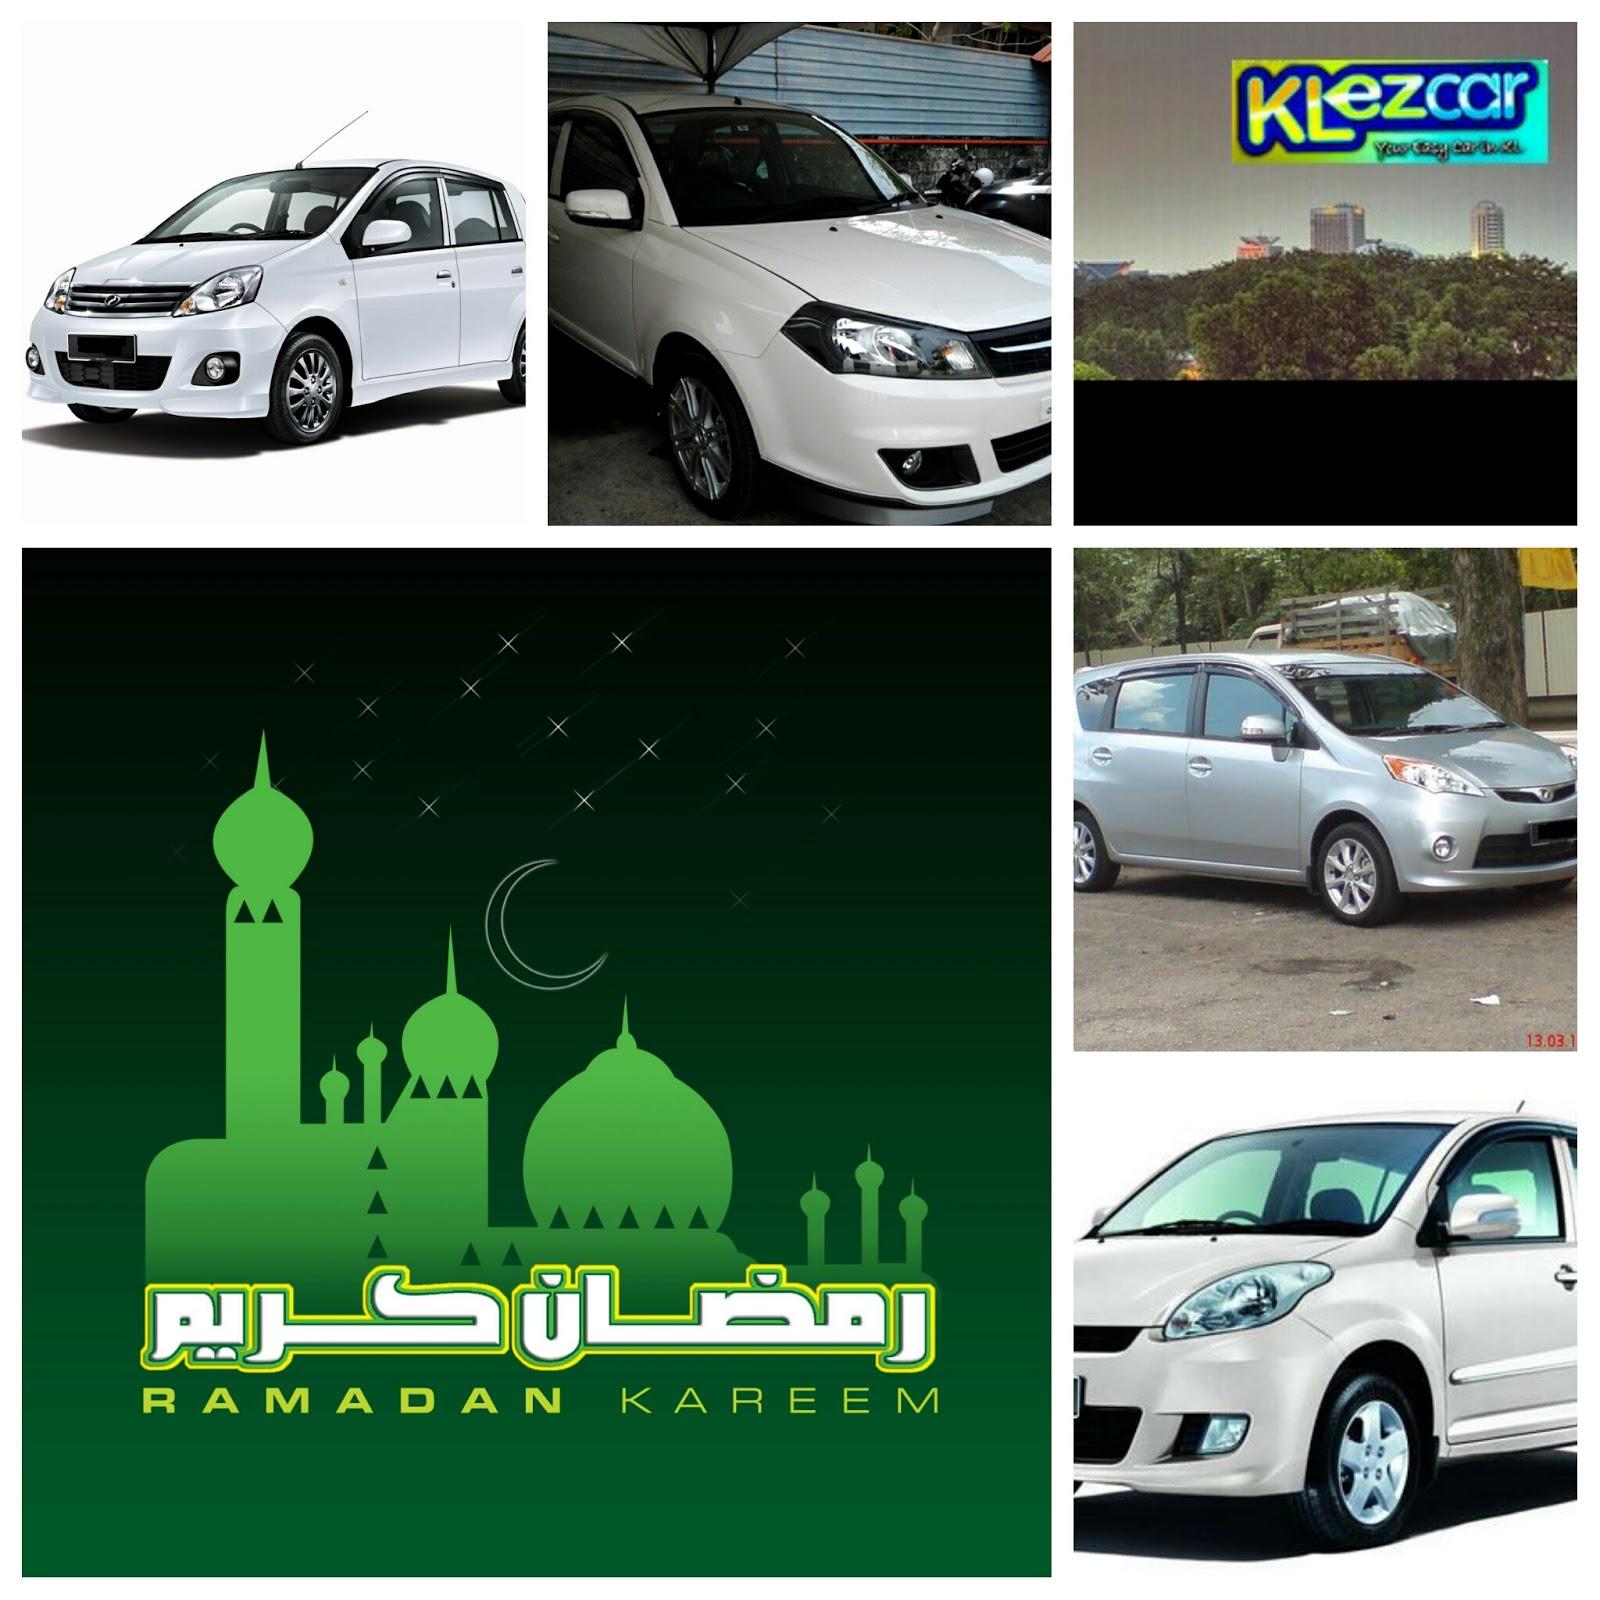 sewa kereta shah alam ramadhan